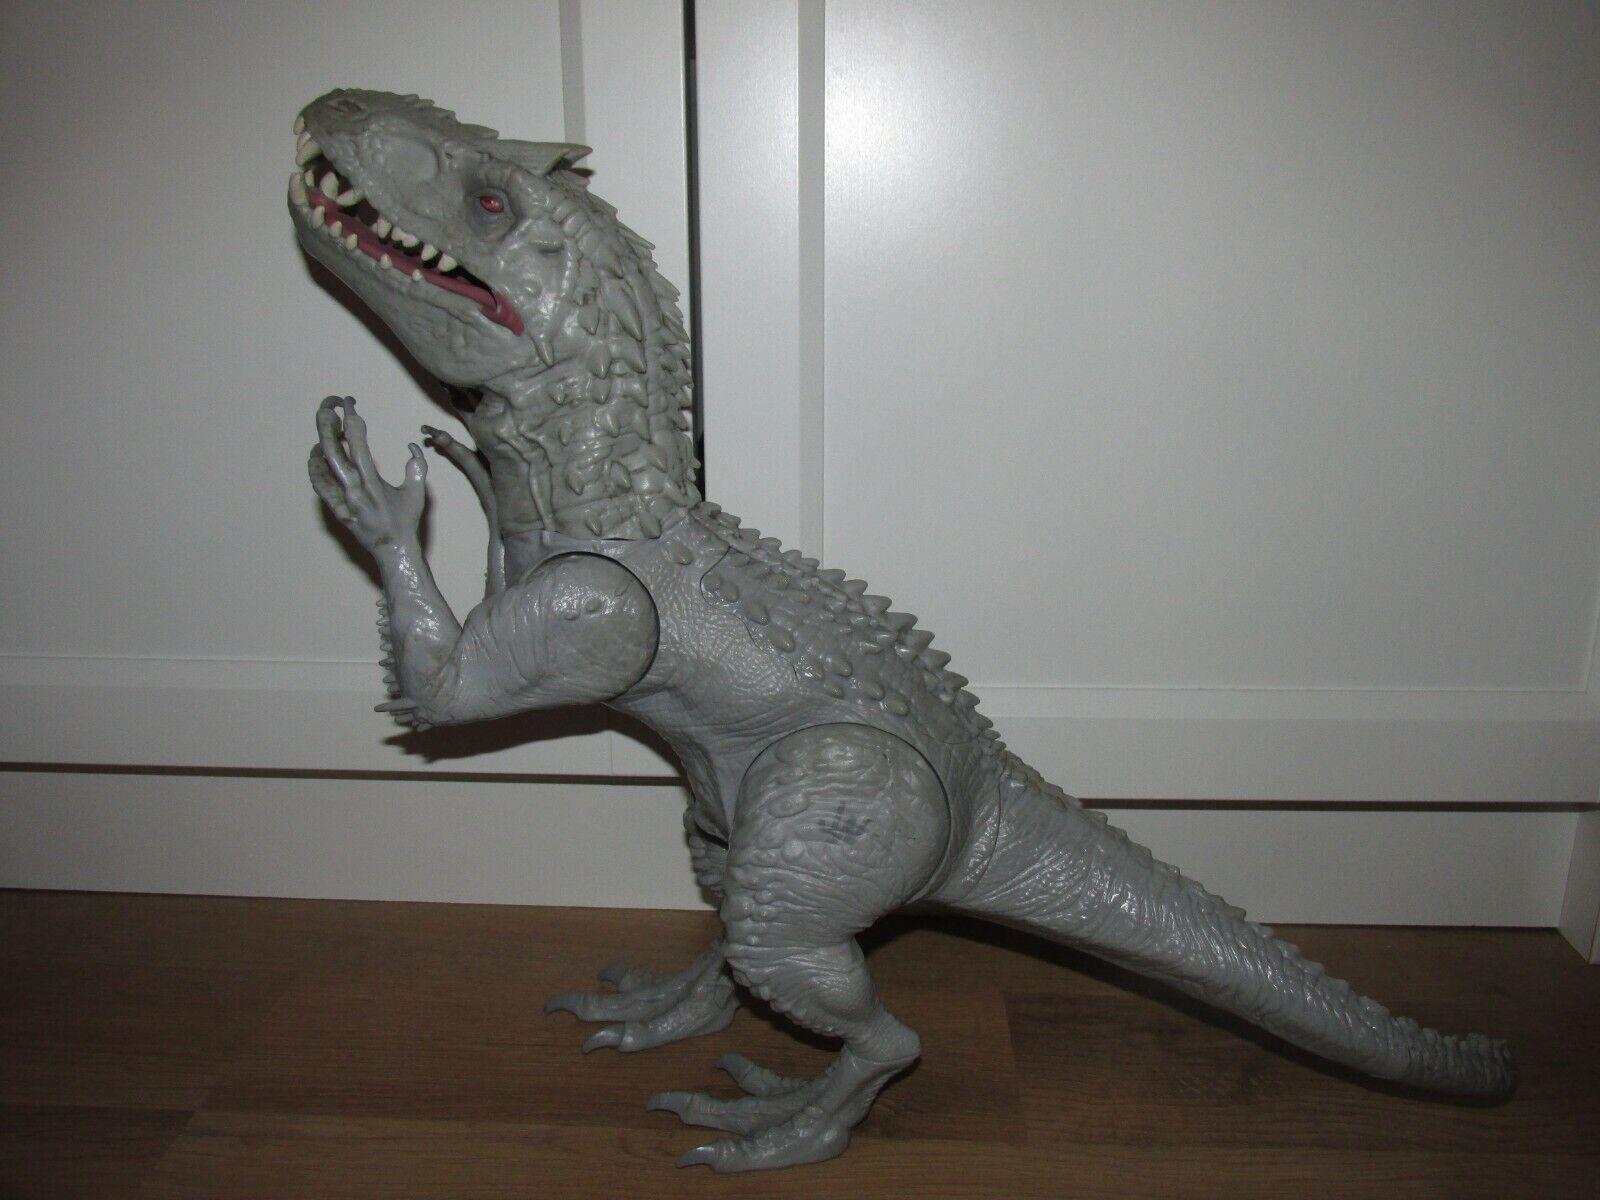 Jurassic World Rare indominus Rex Dinosaure 20  Roabague lumières  and sound's  Envoi gratuit pour toutes les commandes